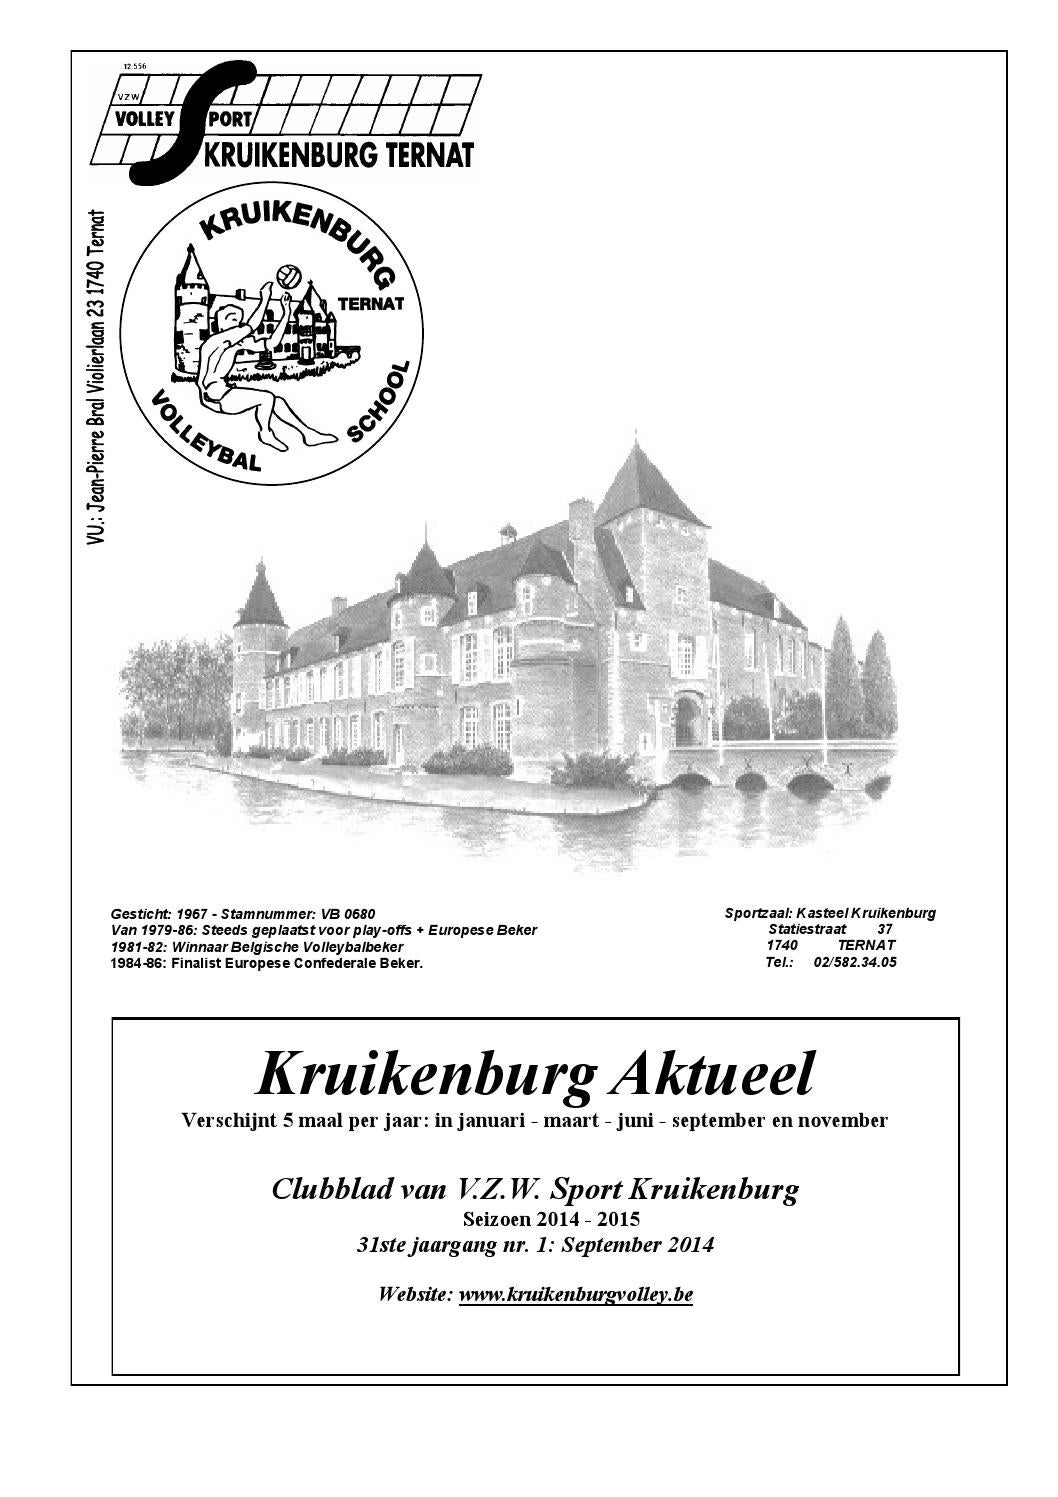 Kruikenburg aktueel September 2014 by Kruikenburg Volley